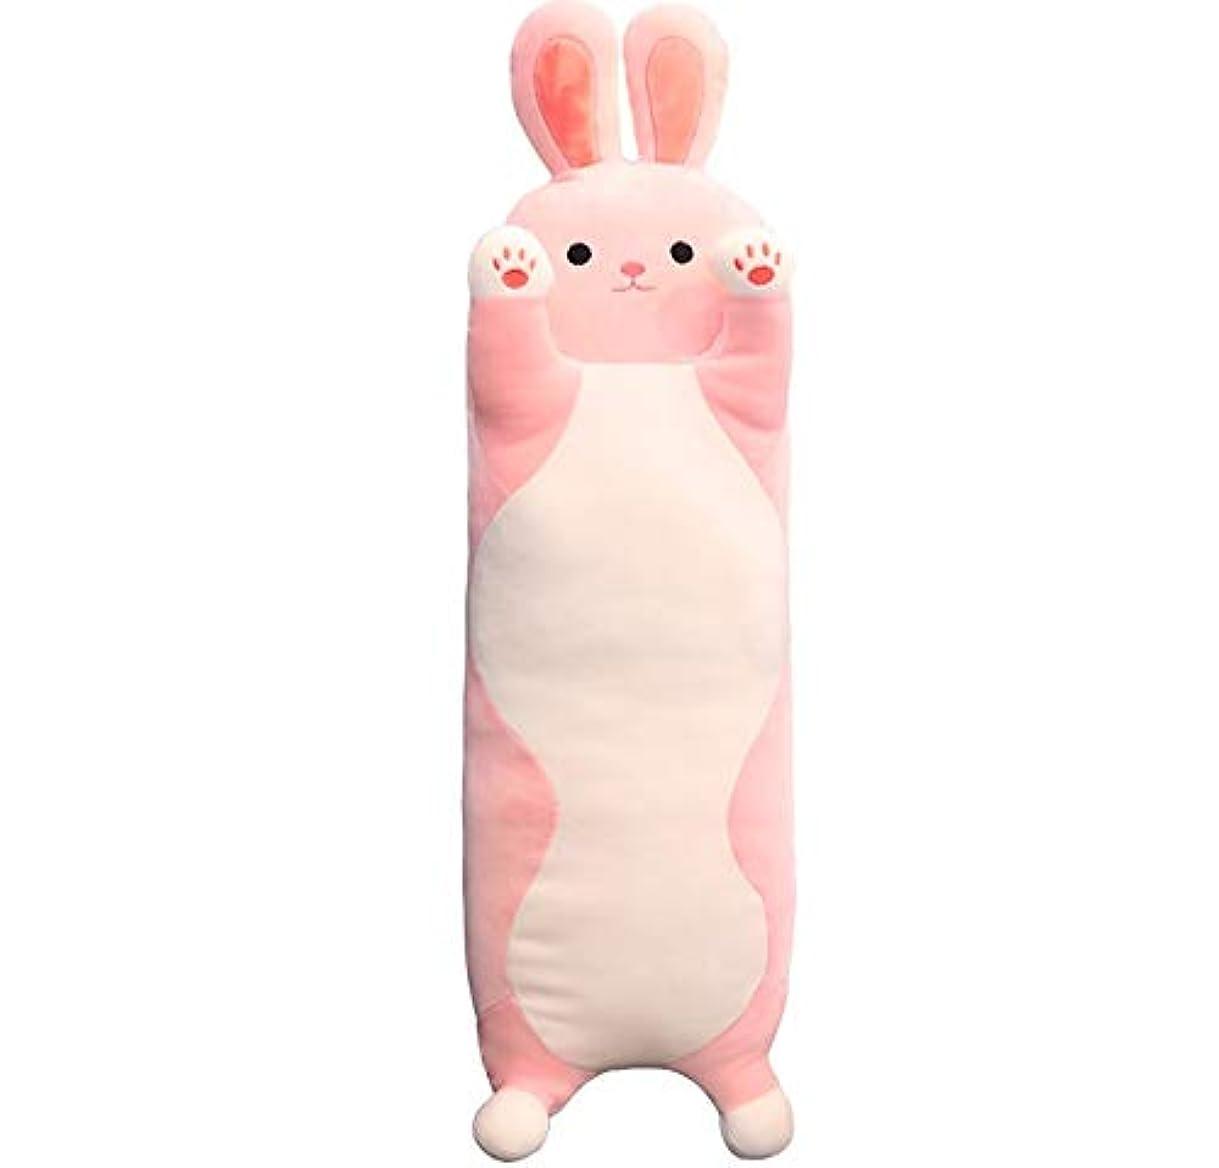 今まで蒸気エッセンスLIFE センチメートルウサギのぬいぐるみロング睡眠枕を送信するために女の子 Almofada クッション床 Coussin Cojines 装飾 Overwatch クッション 椅子